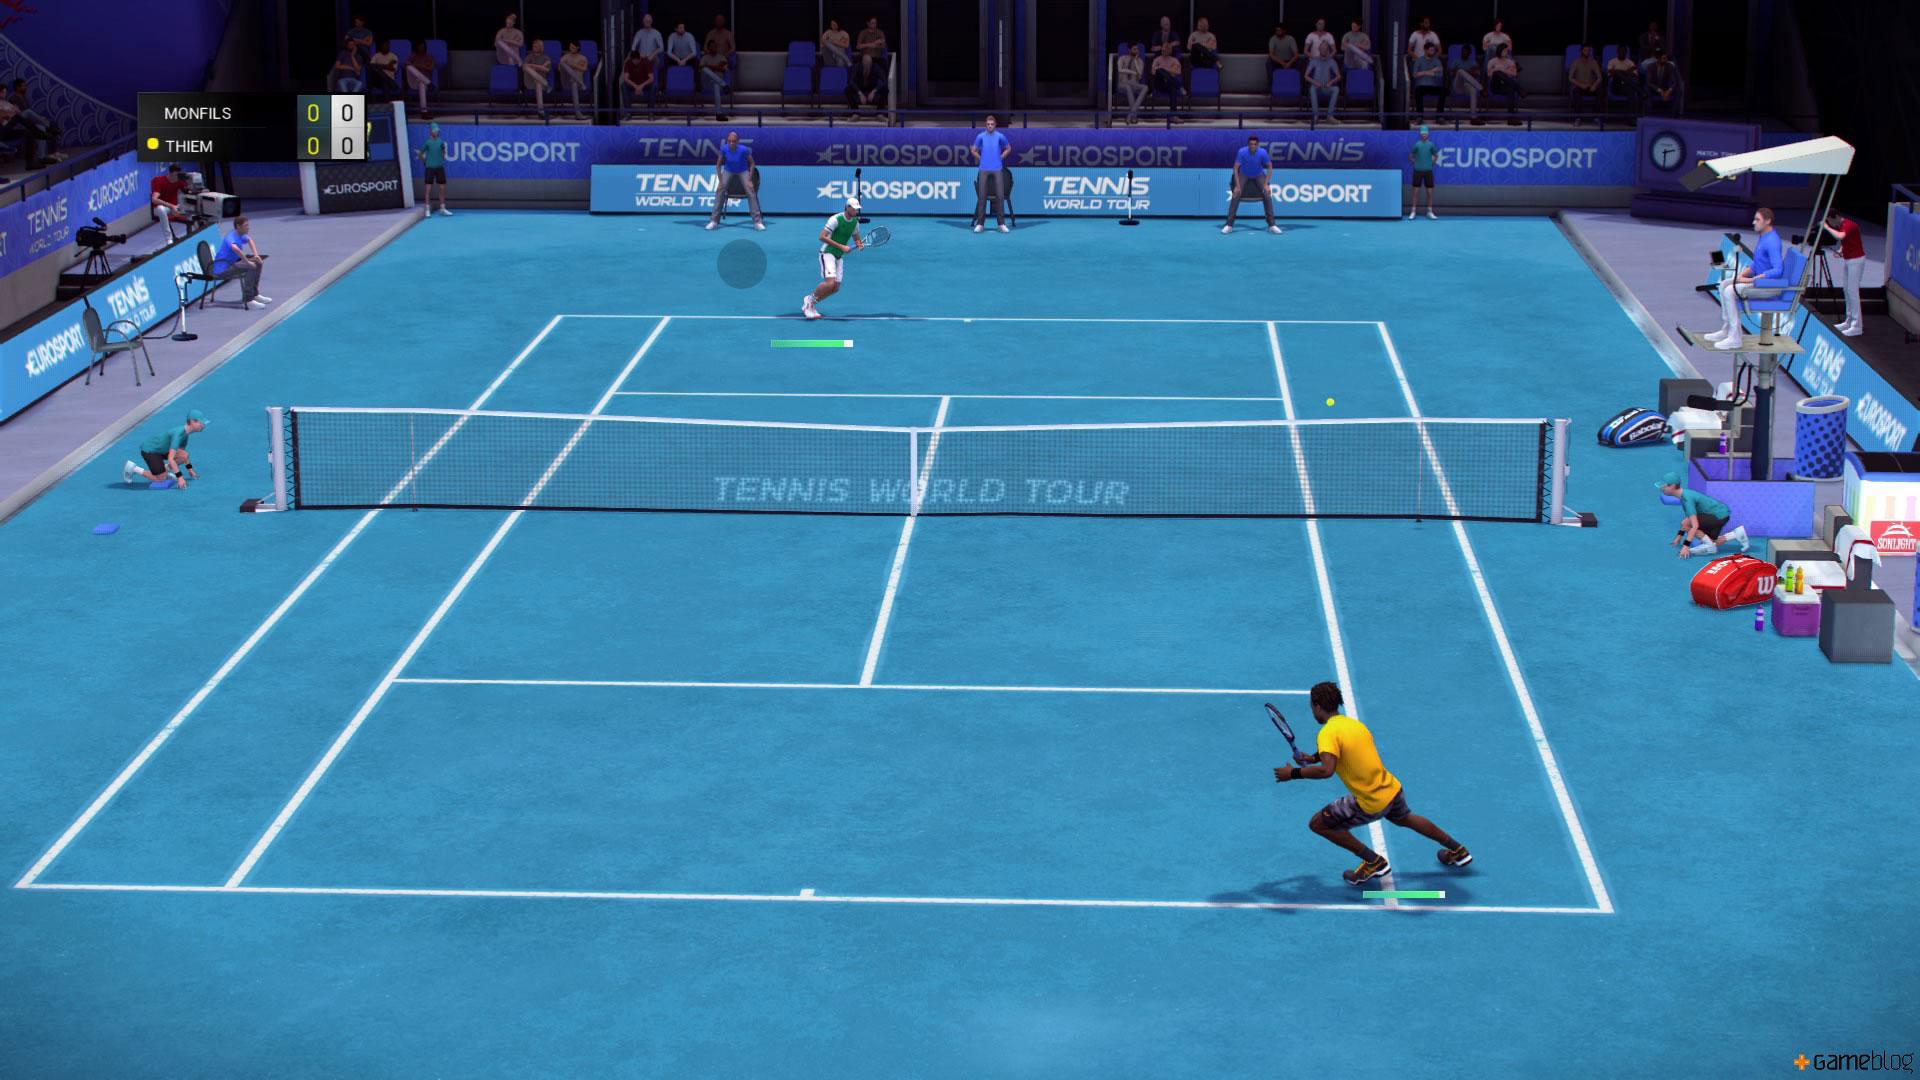 TennisWorldTour PS4 Test 016